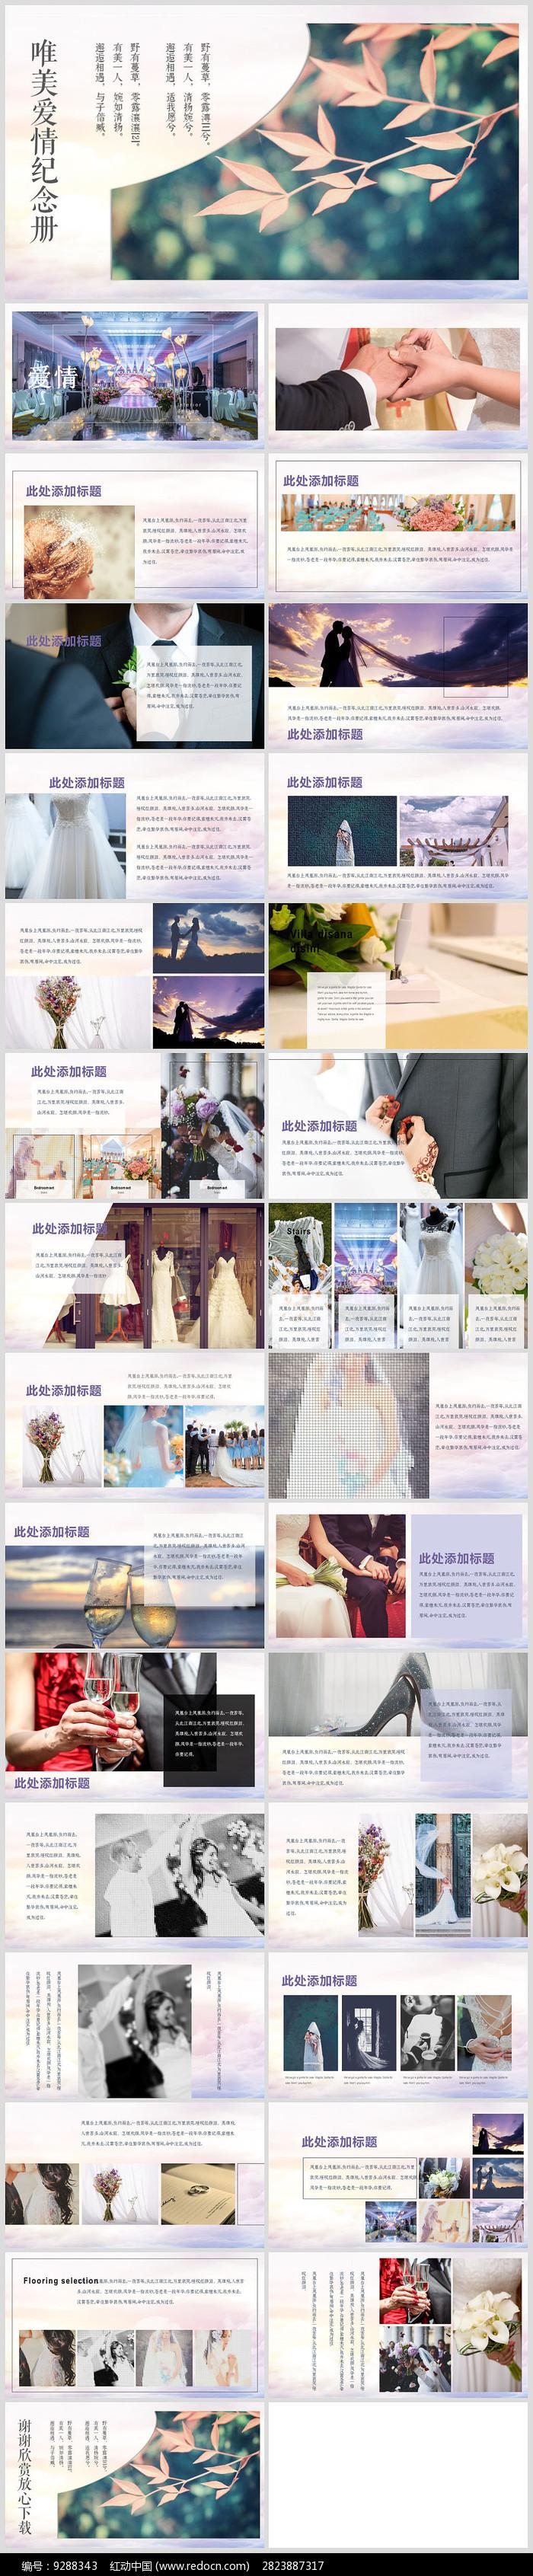 浪漫爱情婚庆婚礼PPT模板图片